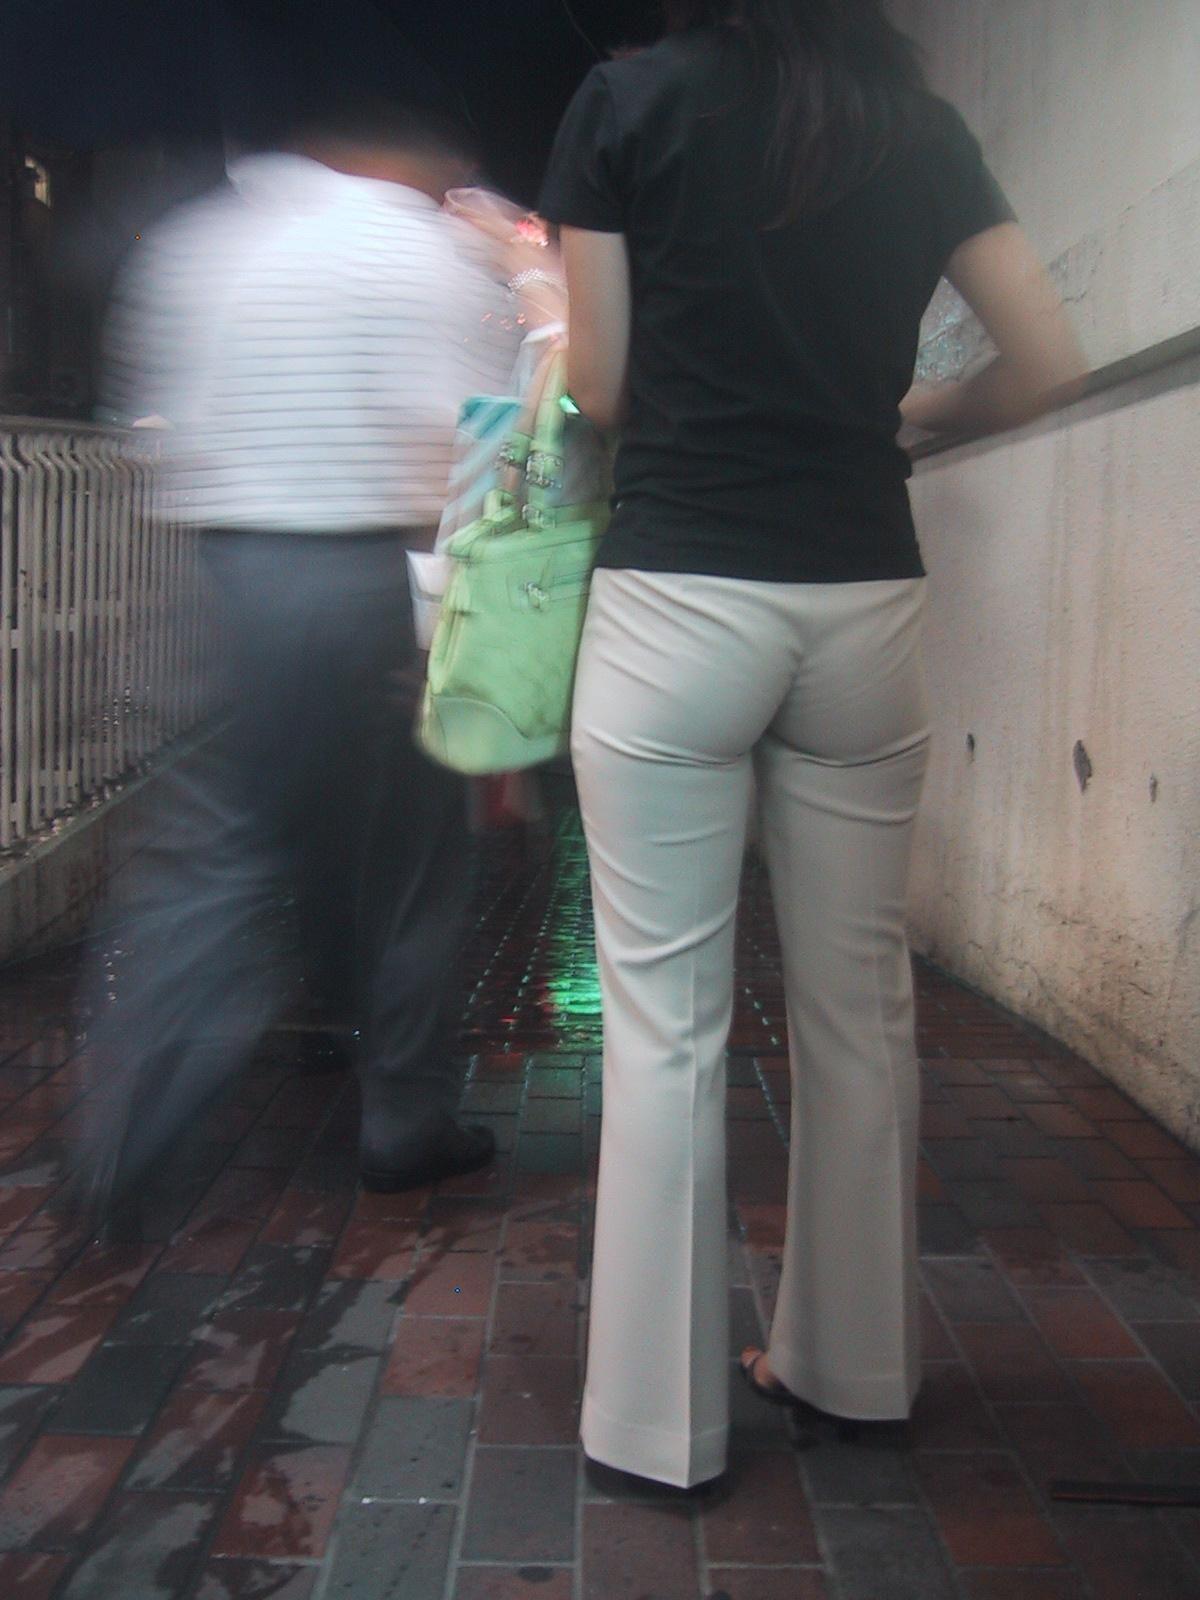 パンティーが透けちゃう白パンツルックOLお姉さん画像20枚目